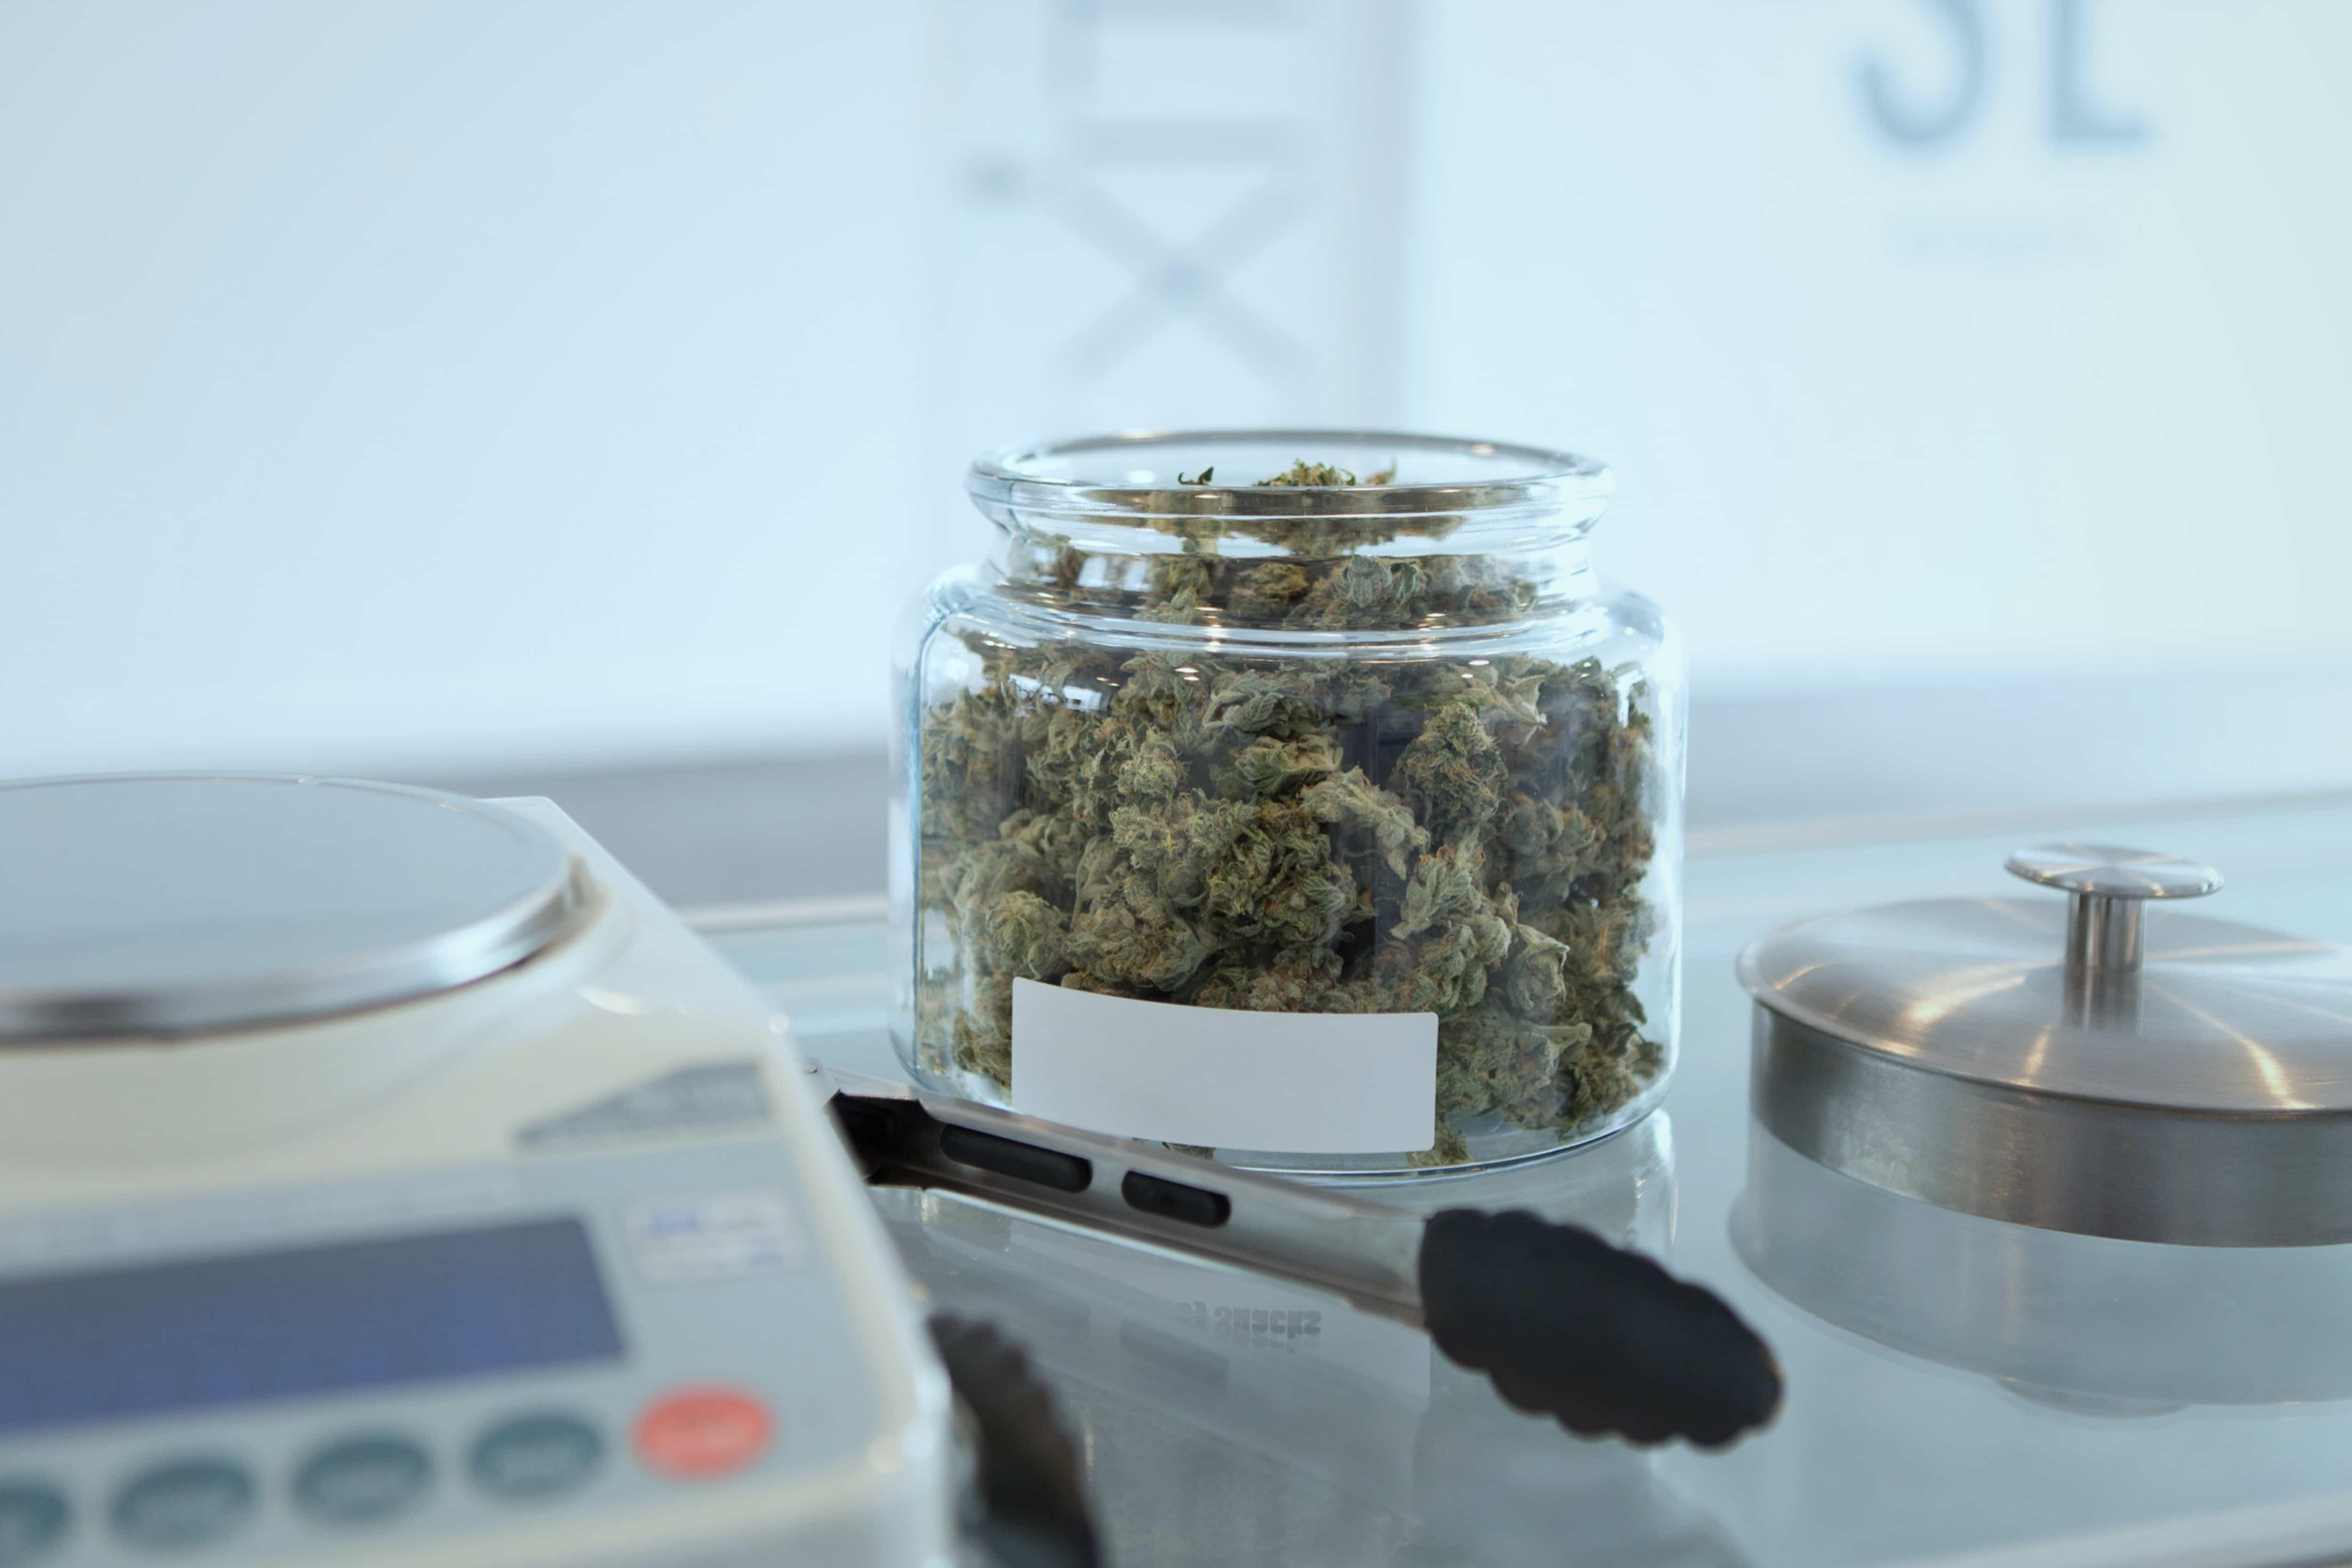 Nación Cannabis | Clínica tailandesa de cannabis atiende 4000 pacientes por semana